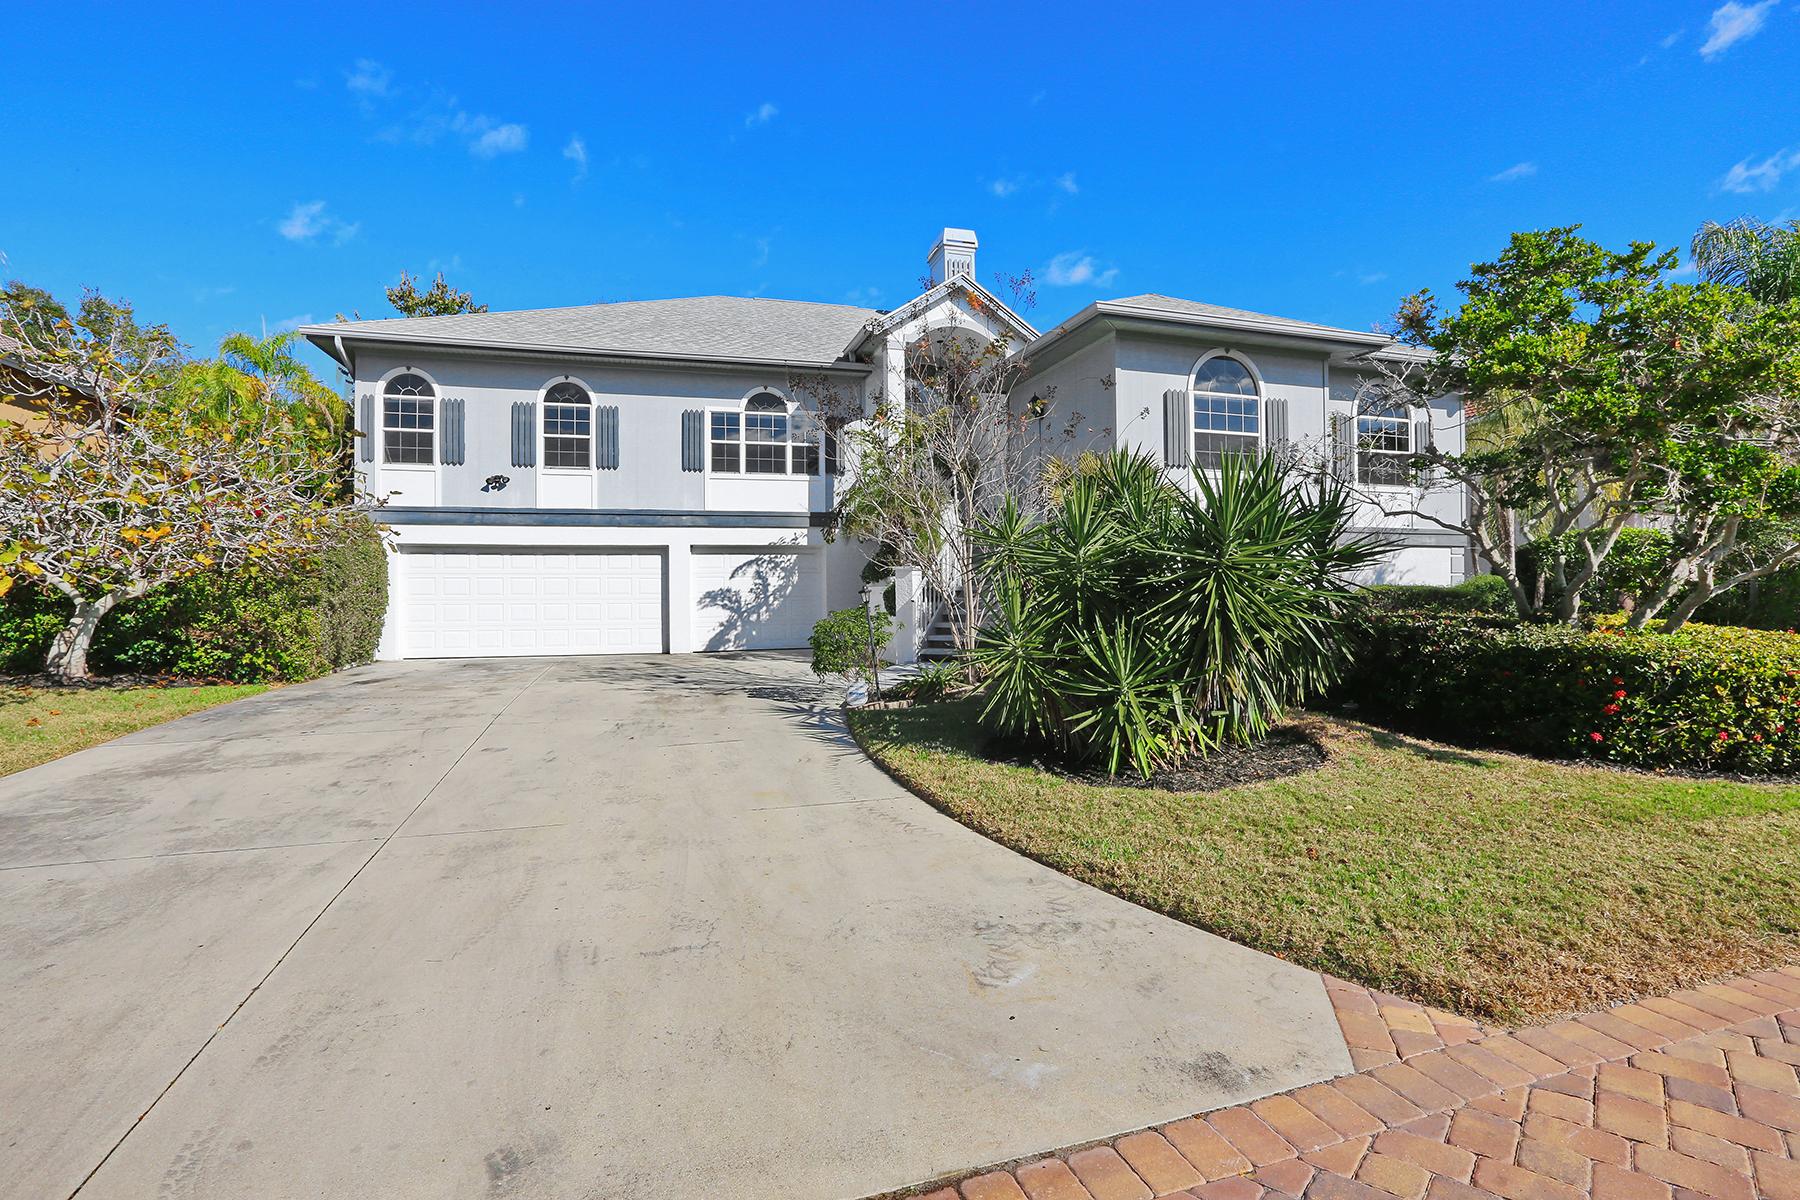 Частный односемейный дом для того Продажа на TORTOISE ESTATES 1217 Tree Bay Ln Sarasota, Флорида 34242 Соединенные Штаты